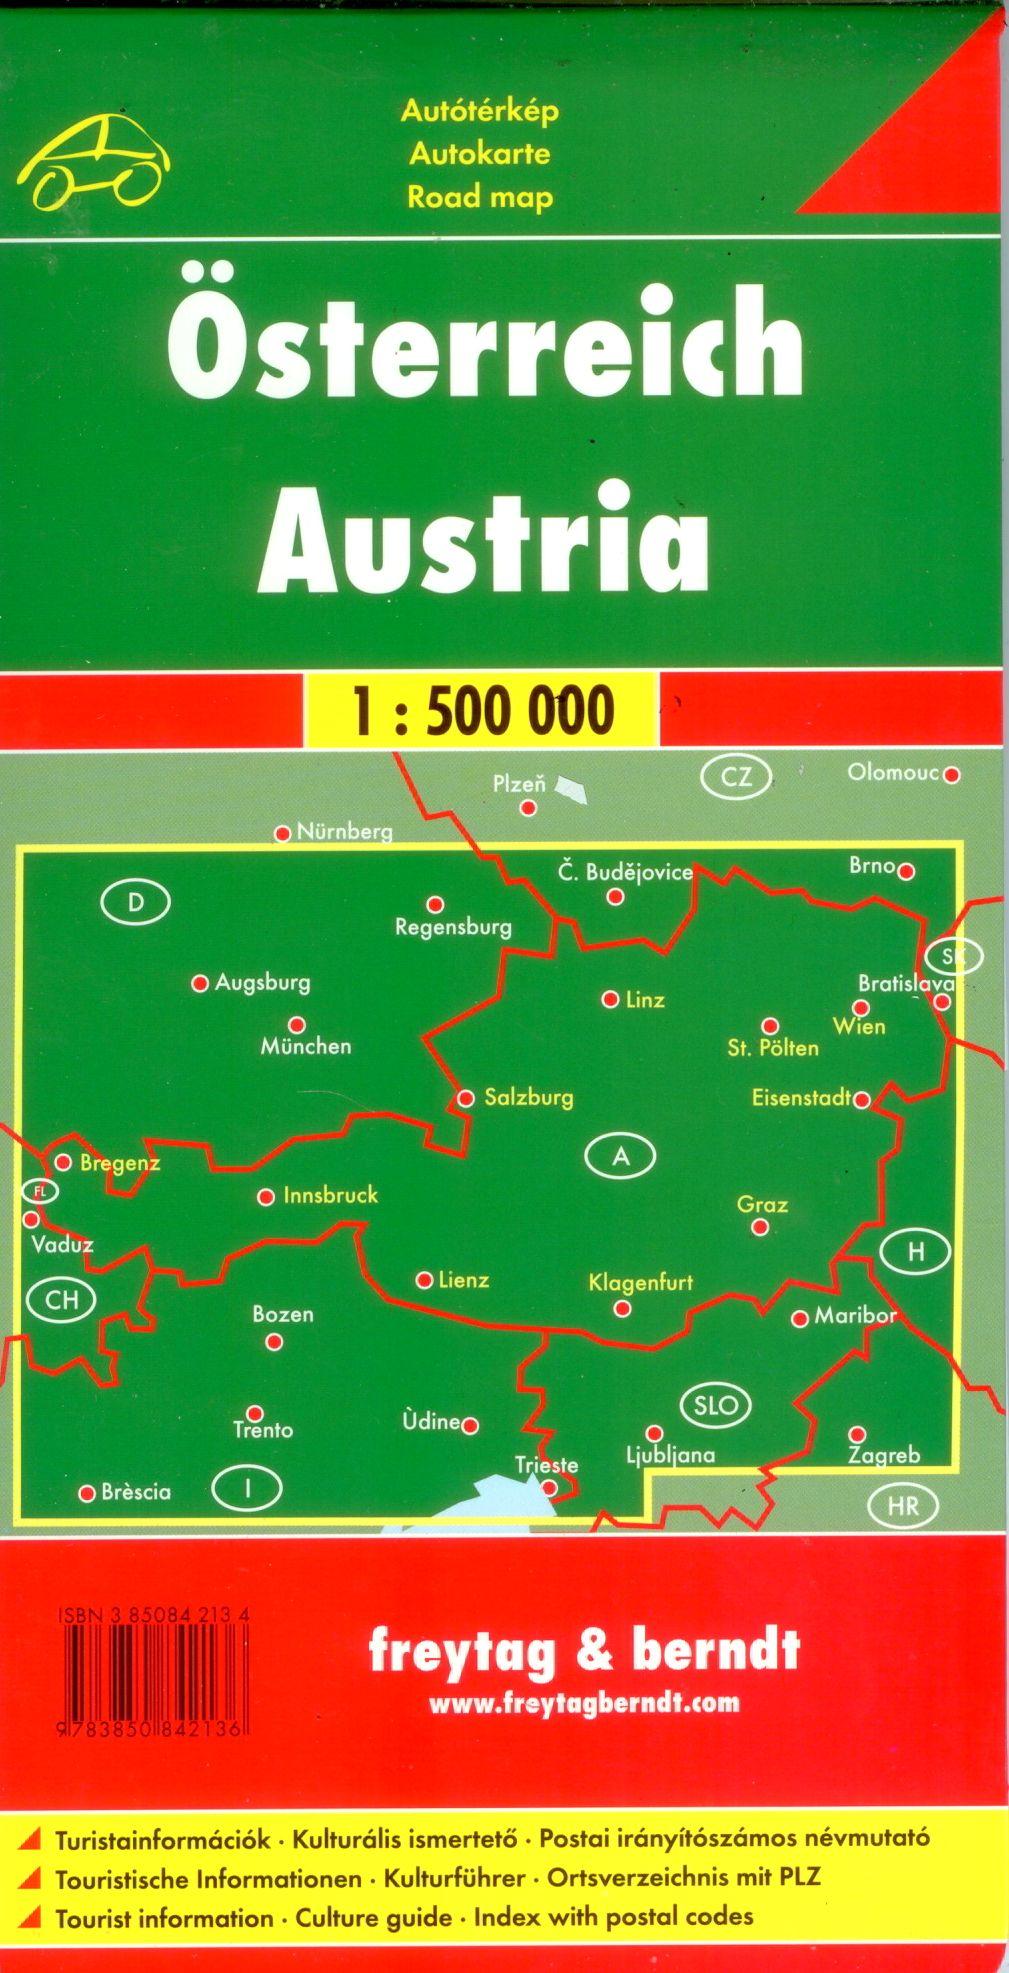 Az Ausztria térkép által lefedett terület